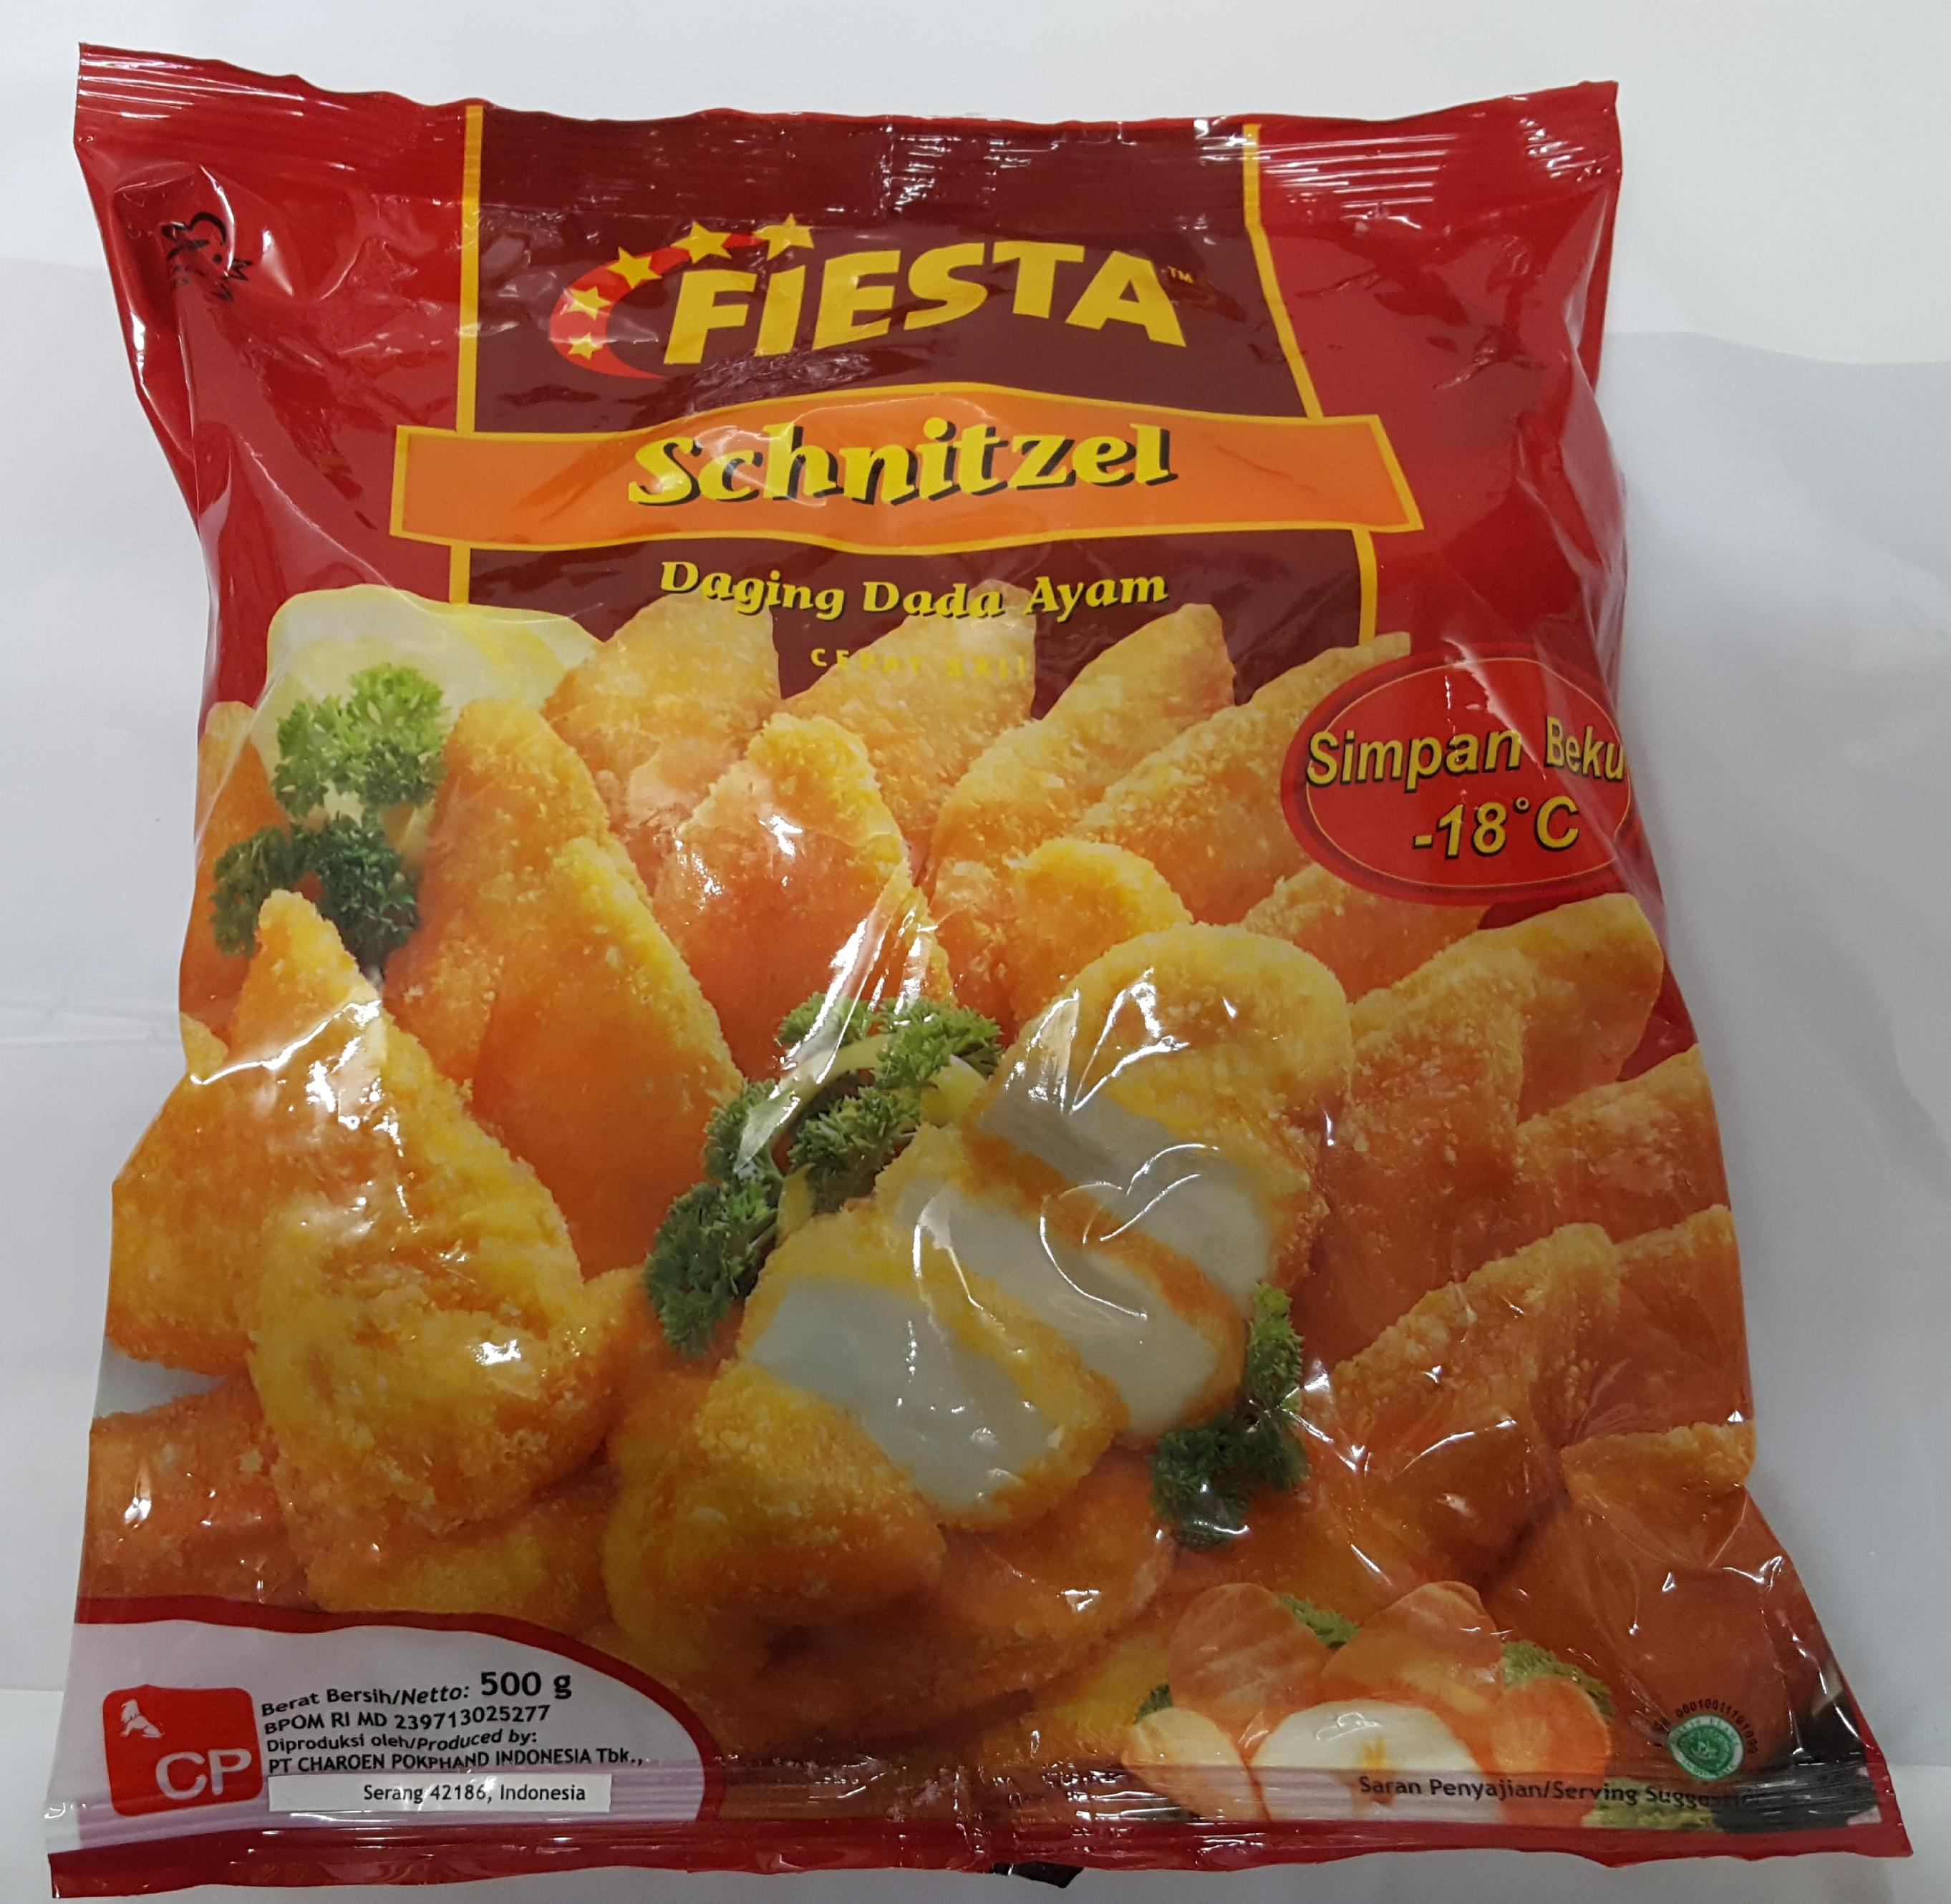 fiesta-daging-dada-ayam-schnitzel